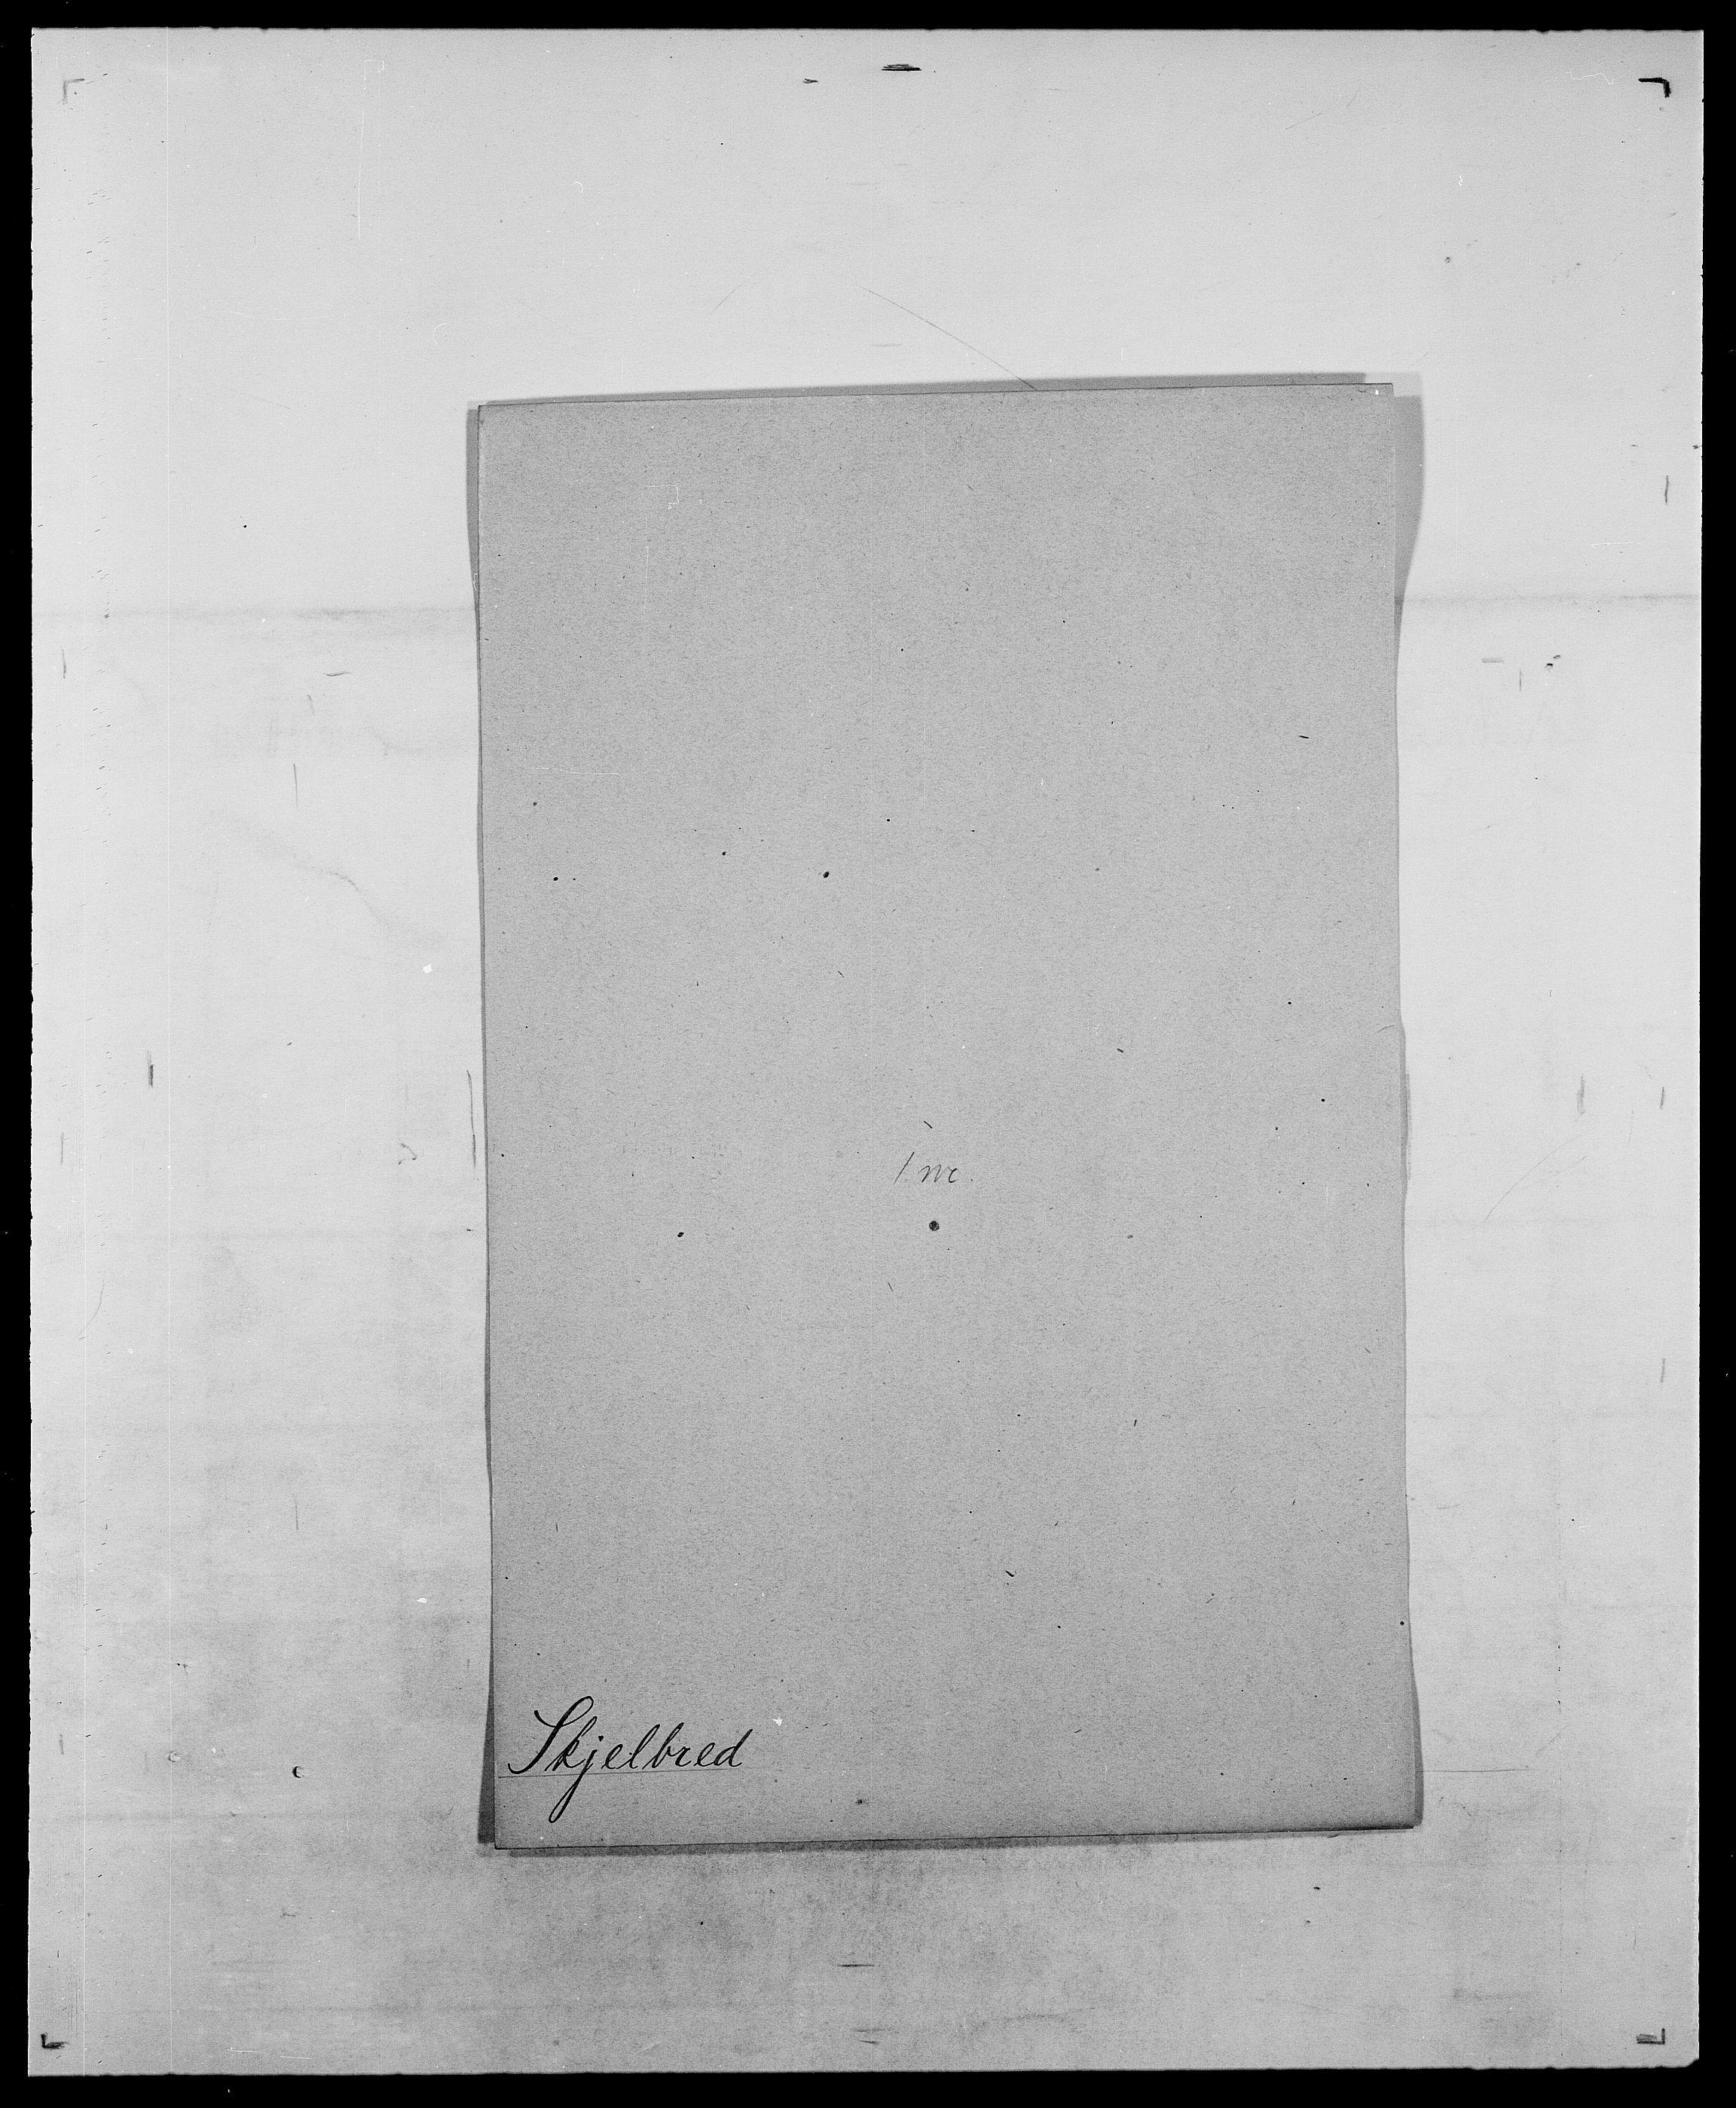 SAO, Delgobe, Charles Antoine - samling, D/Da/L0036: Skaanør - Staverskov, s. 53